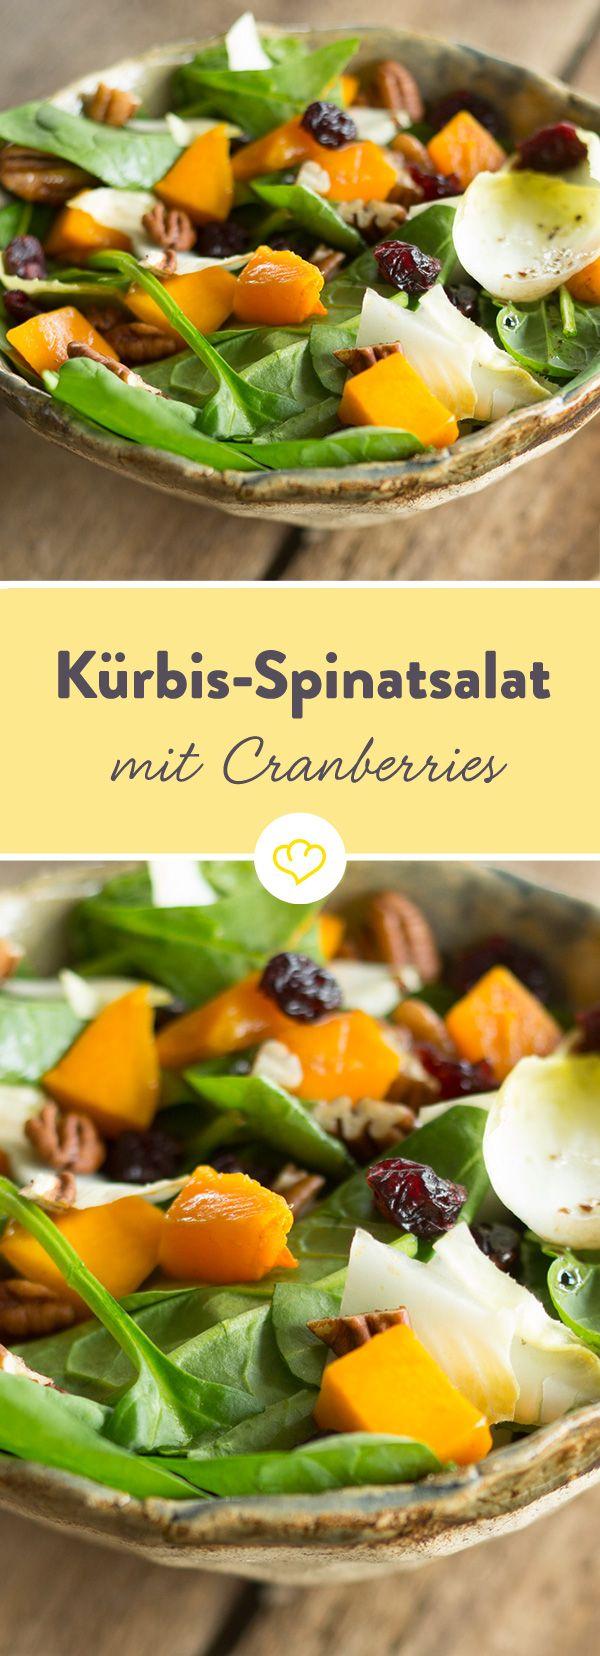 Kürbis auf dem Salat - bislang völlig unbekannt. Der perfekte Begleiter: Parmesan. Und eine Handvoll Cranberries. Für das süß-salzige Gleichgewicht.